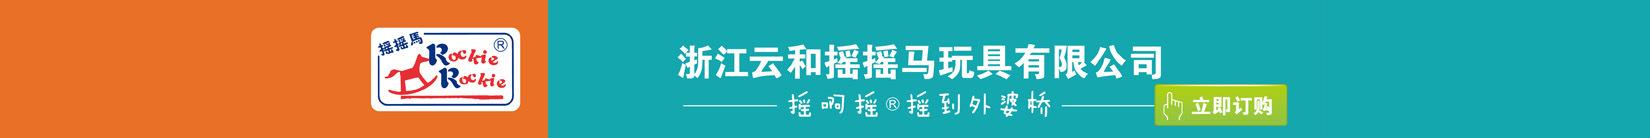 浙江摇摇马品牌网站logo